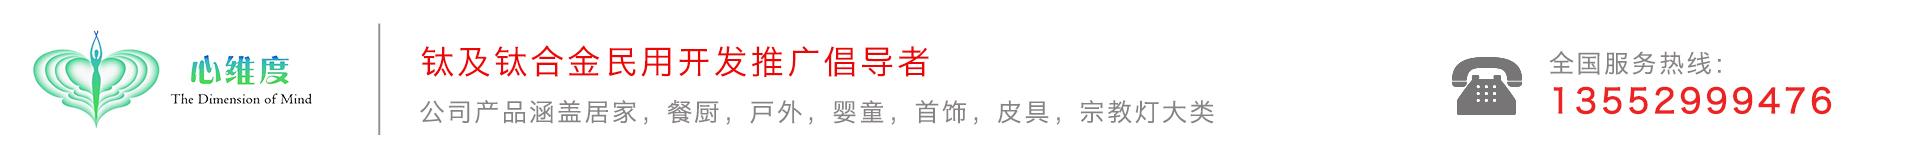 北京合识科技有限公司